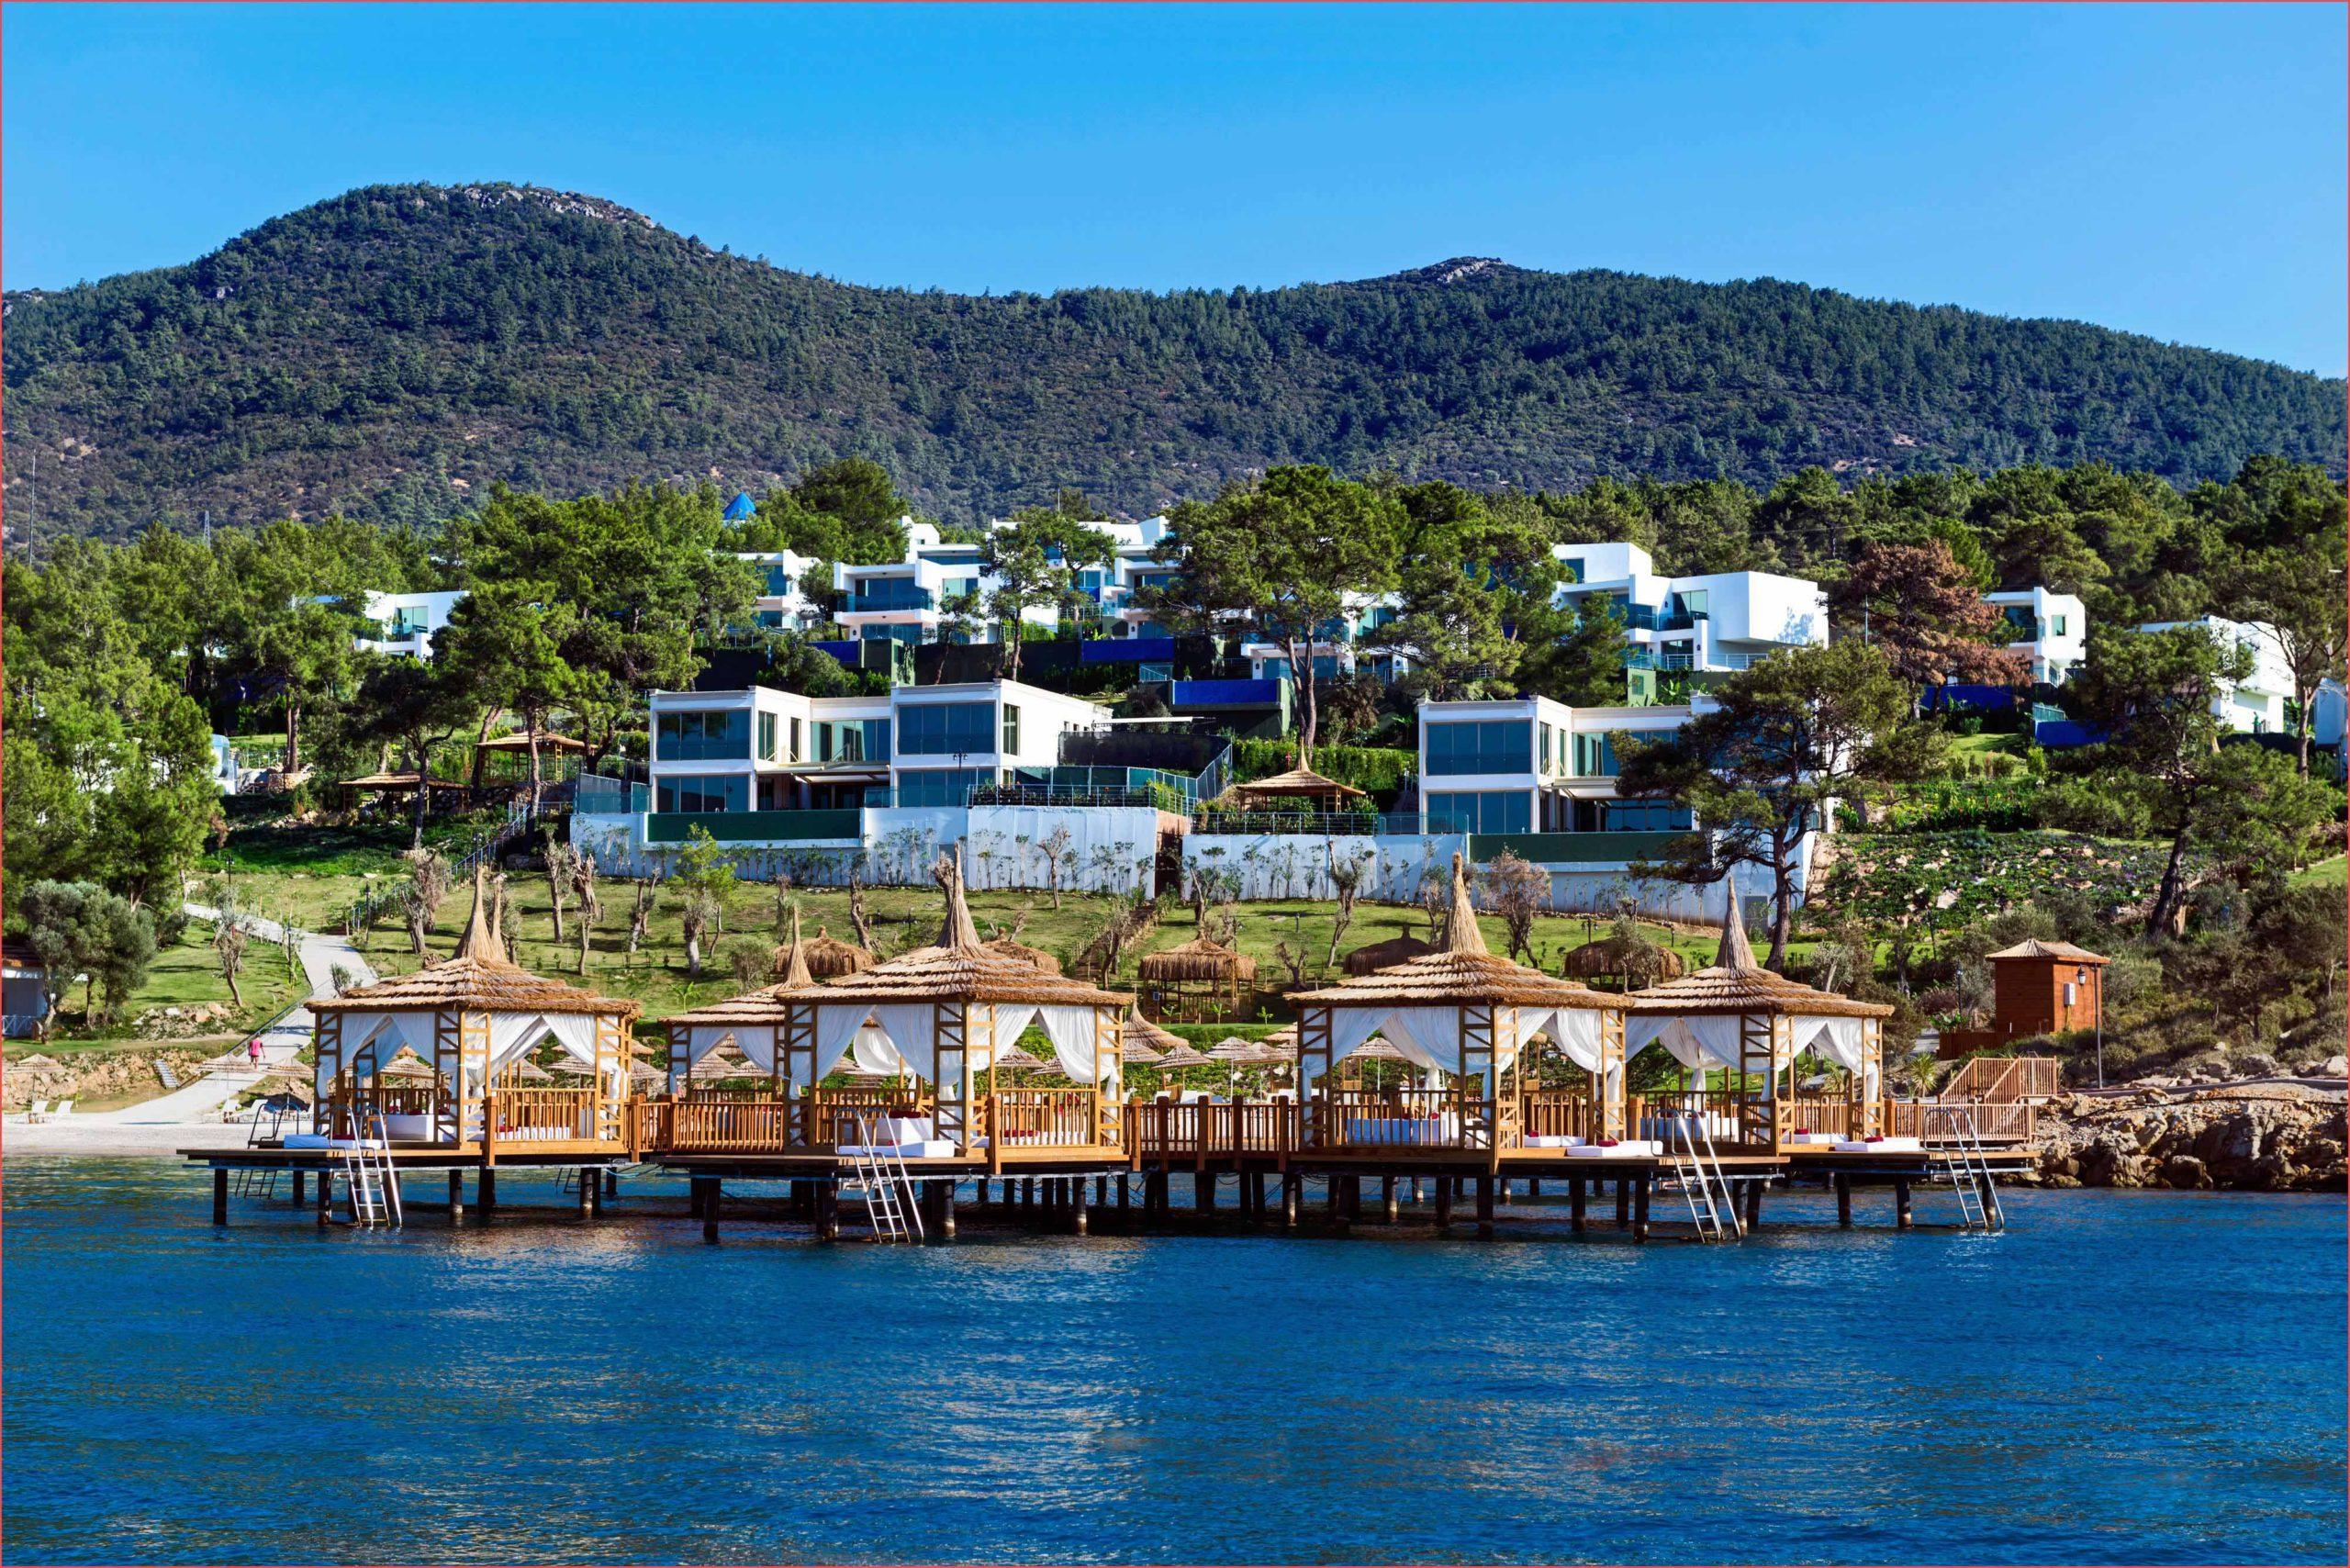 السياحة في مدينة بودروم تركيا